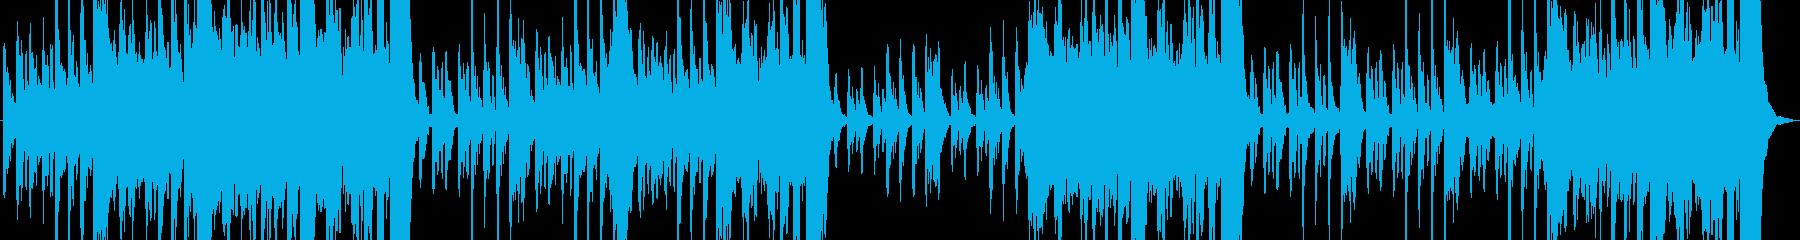 ハロウィン向け不気味な雰囲気のBGMの再生済みの波形